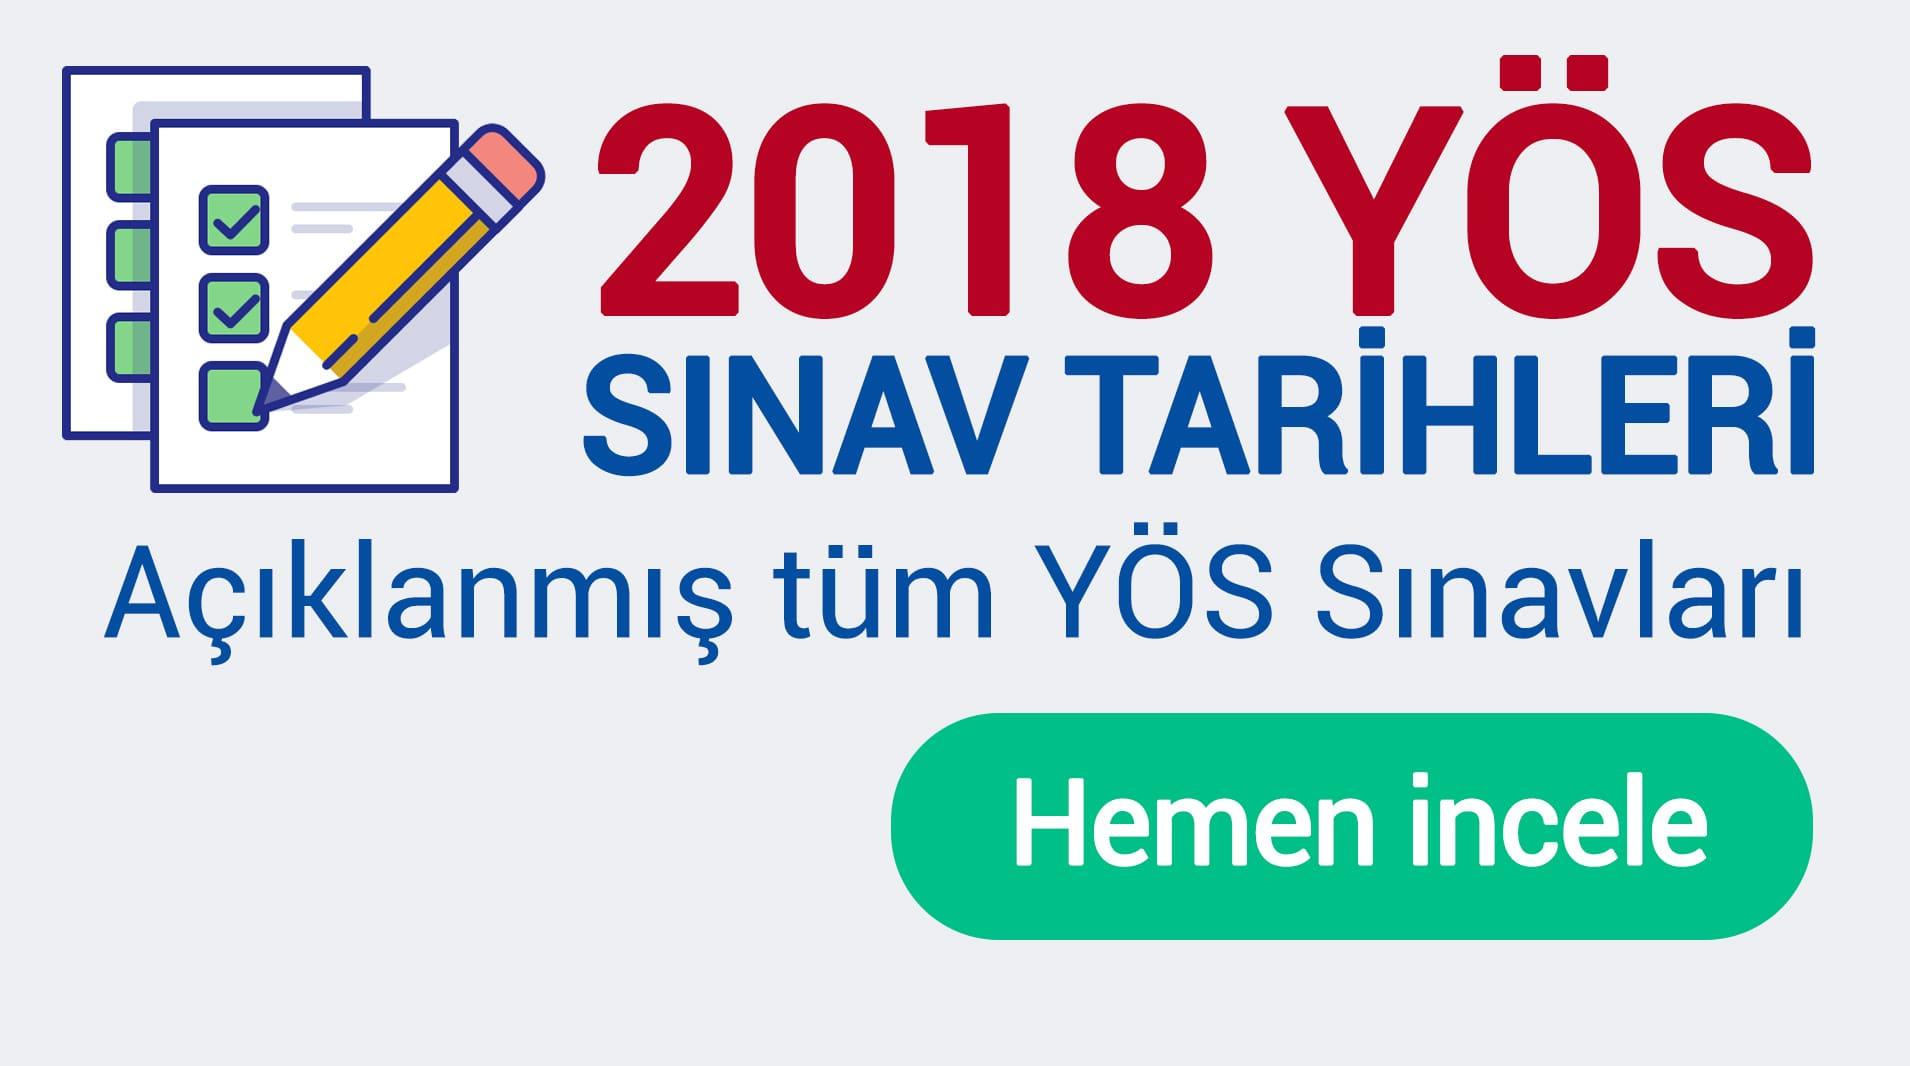 2018 yös sınav tarihleri